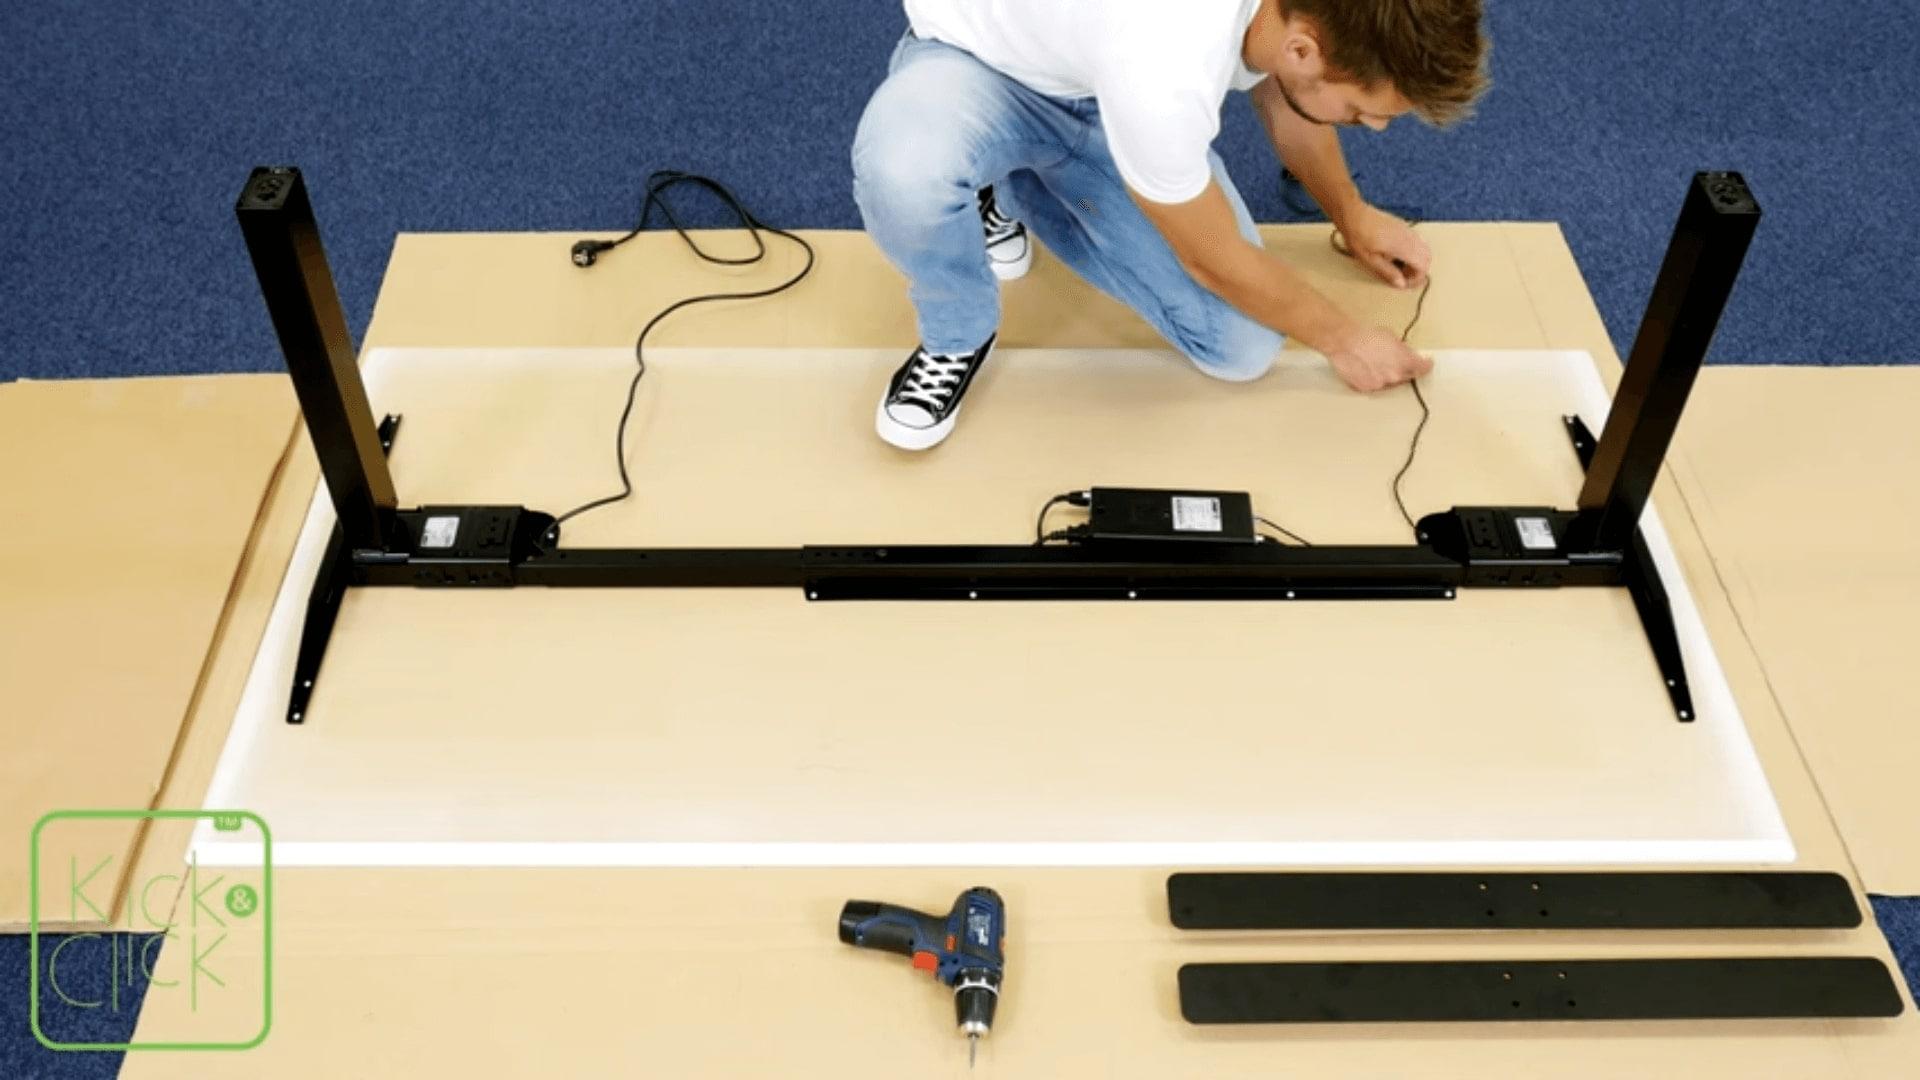 LINAK Kick & Click – Så här enkelt monteras ett kontorsbord